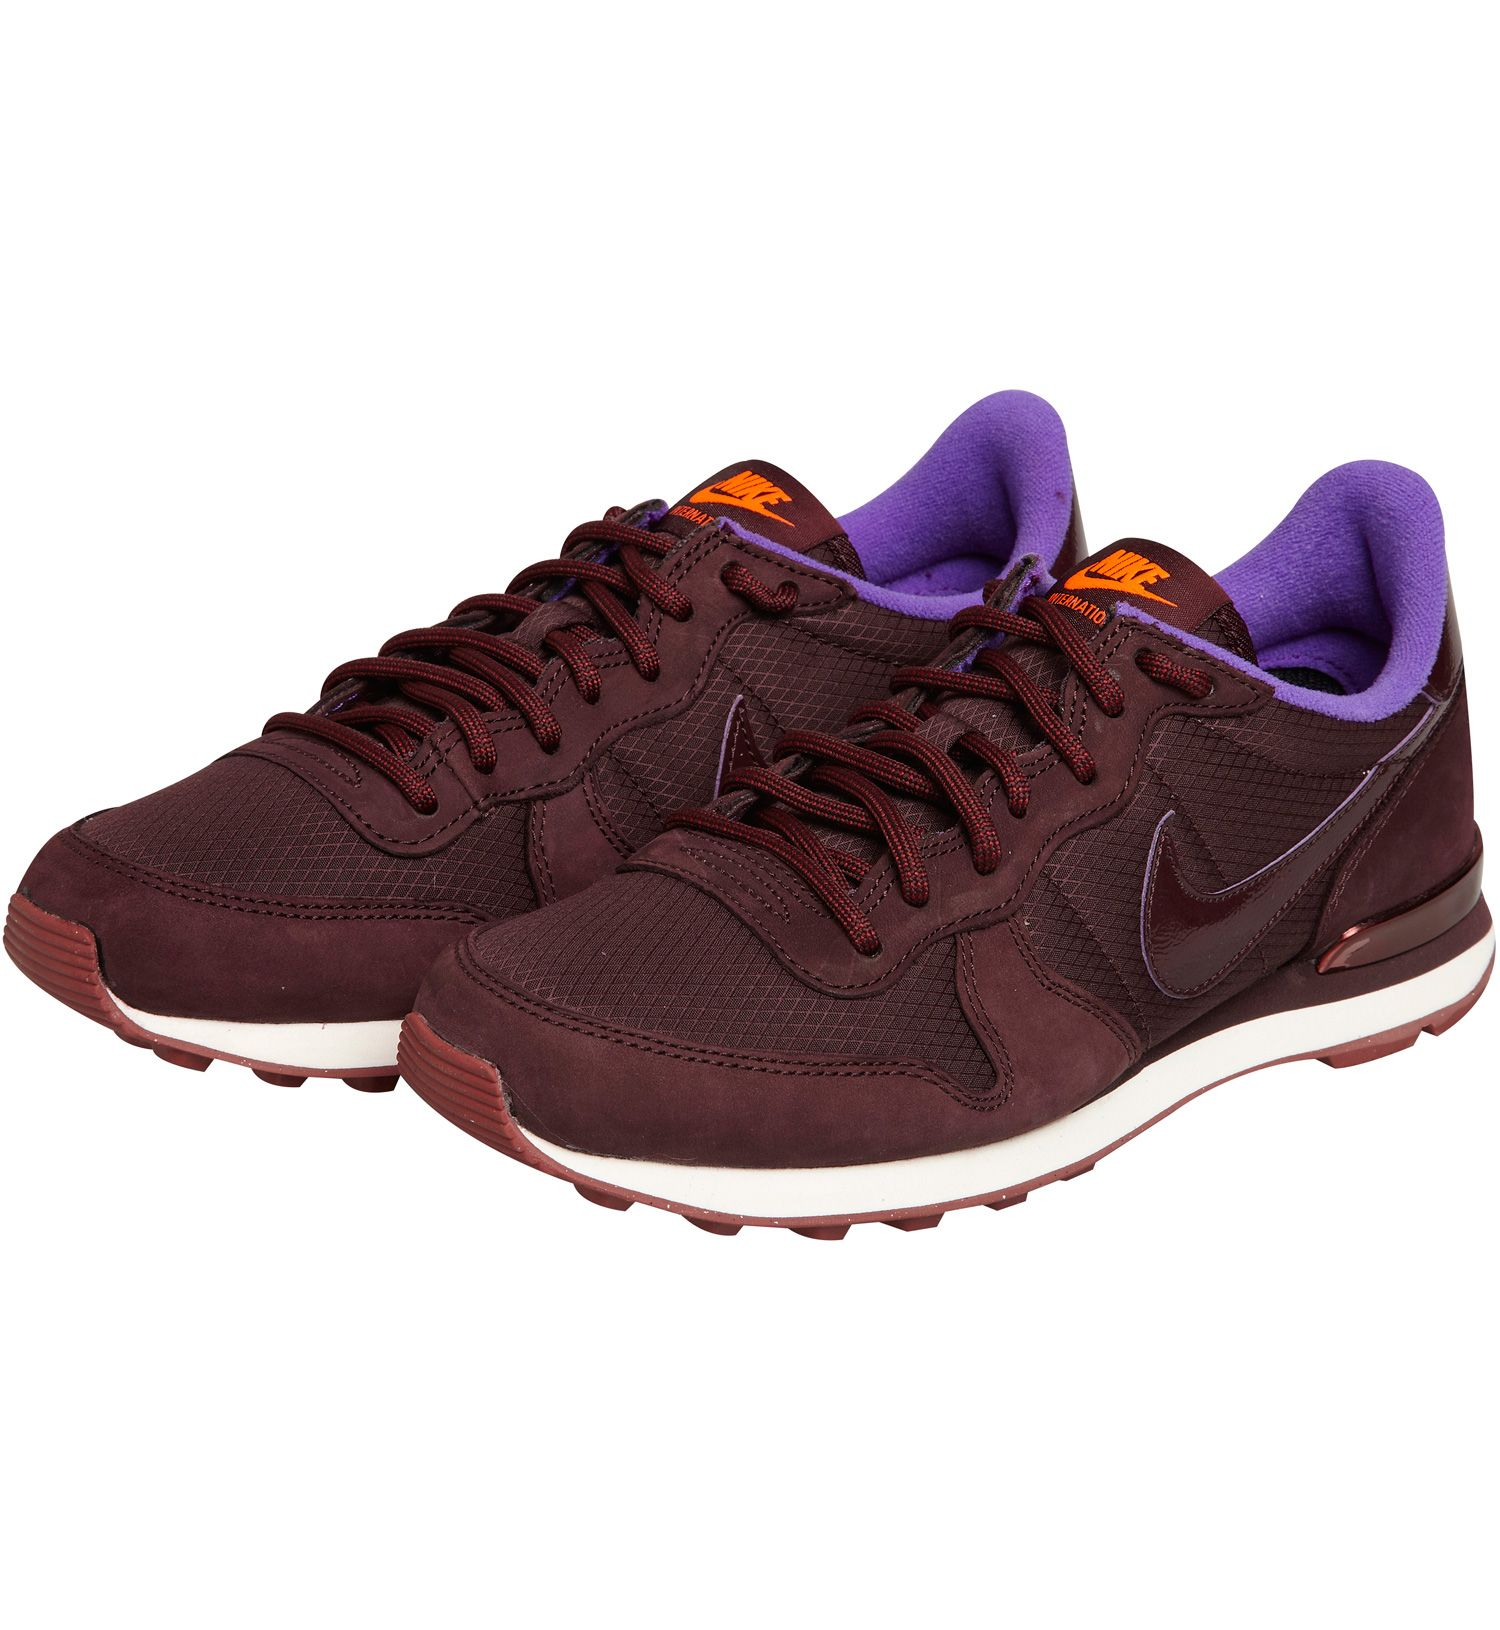 vente chaude en ligne 8c4ad 84846 Nike Internationalist Premium / Bordeaux | E-shop Citadium ...